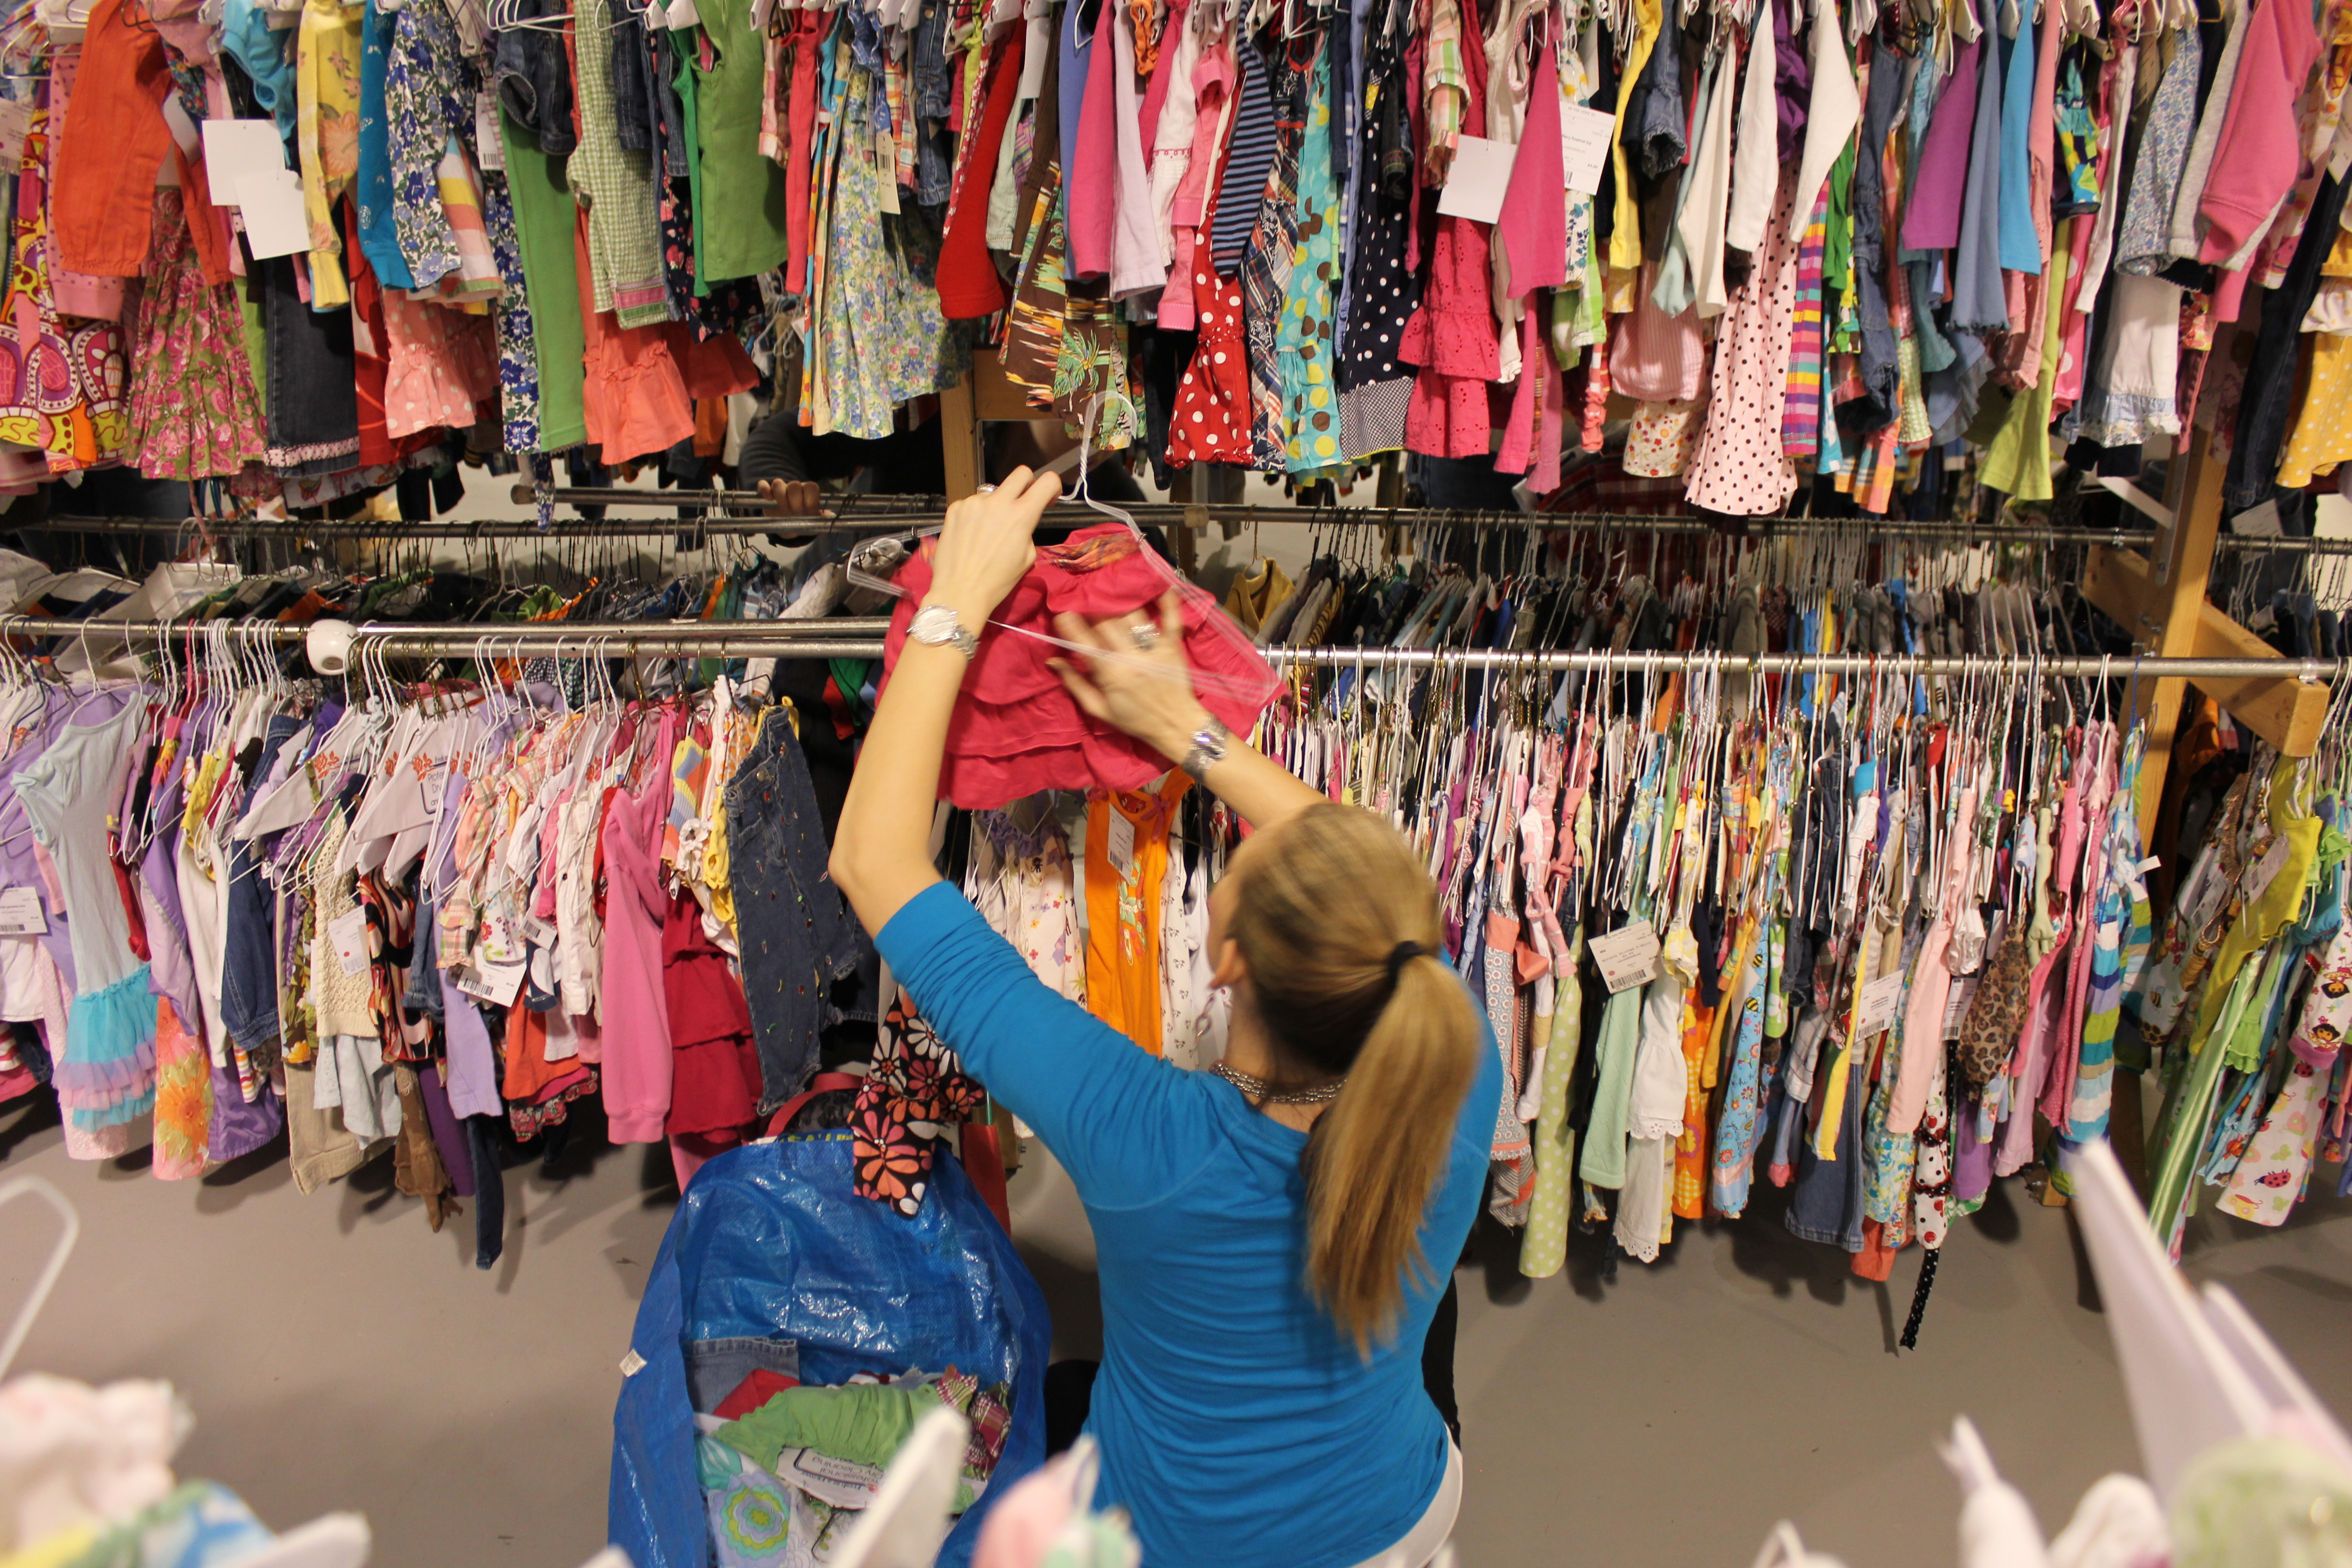 Shopper Girls Rack